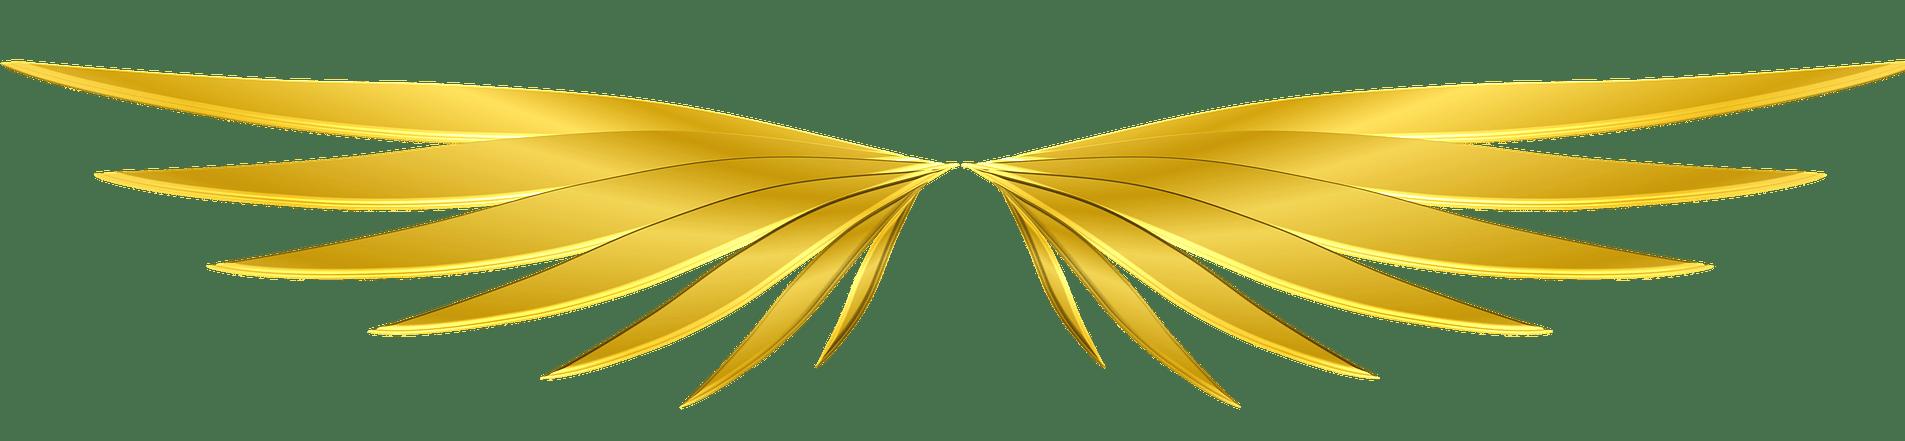 Fernenergetische, spirituelle Begleitung in die eigene goldene Mitte